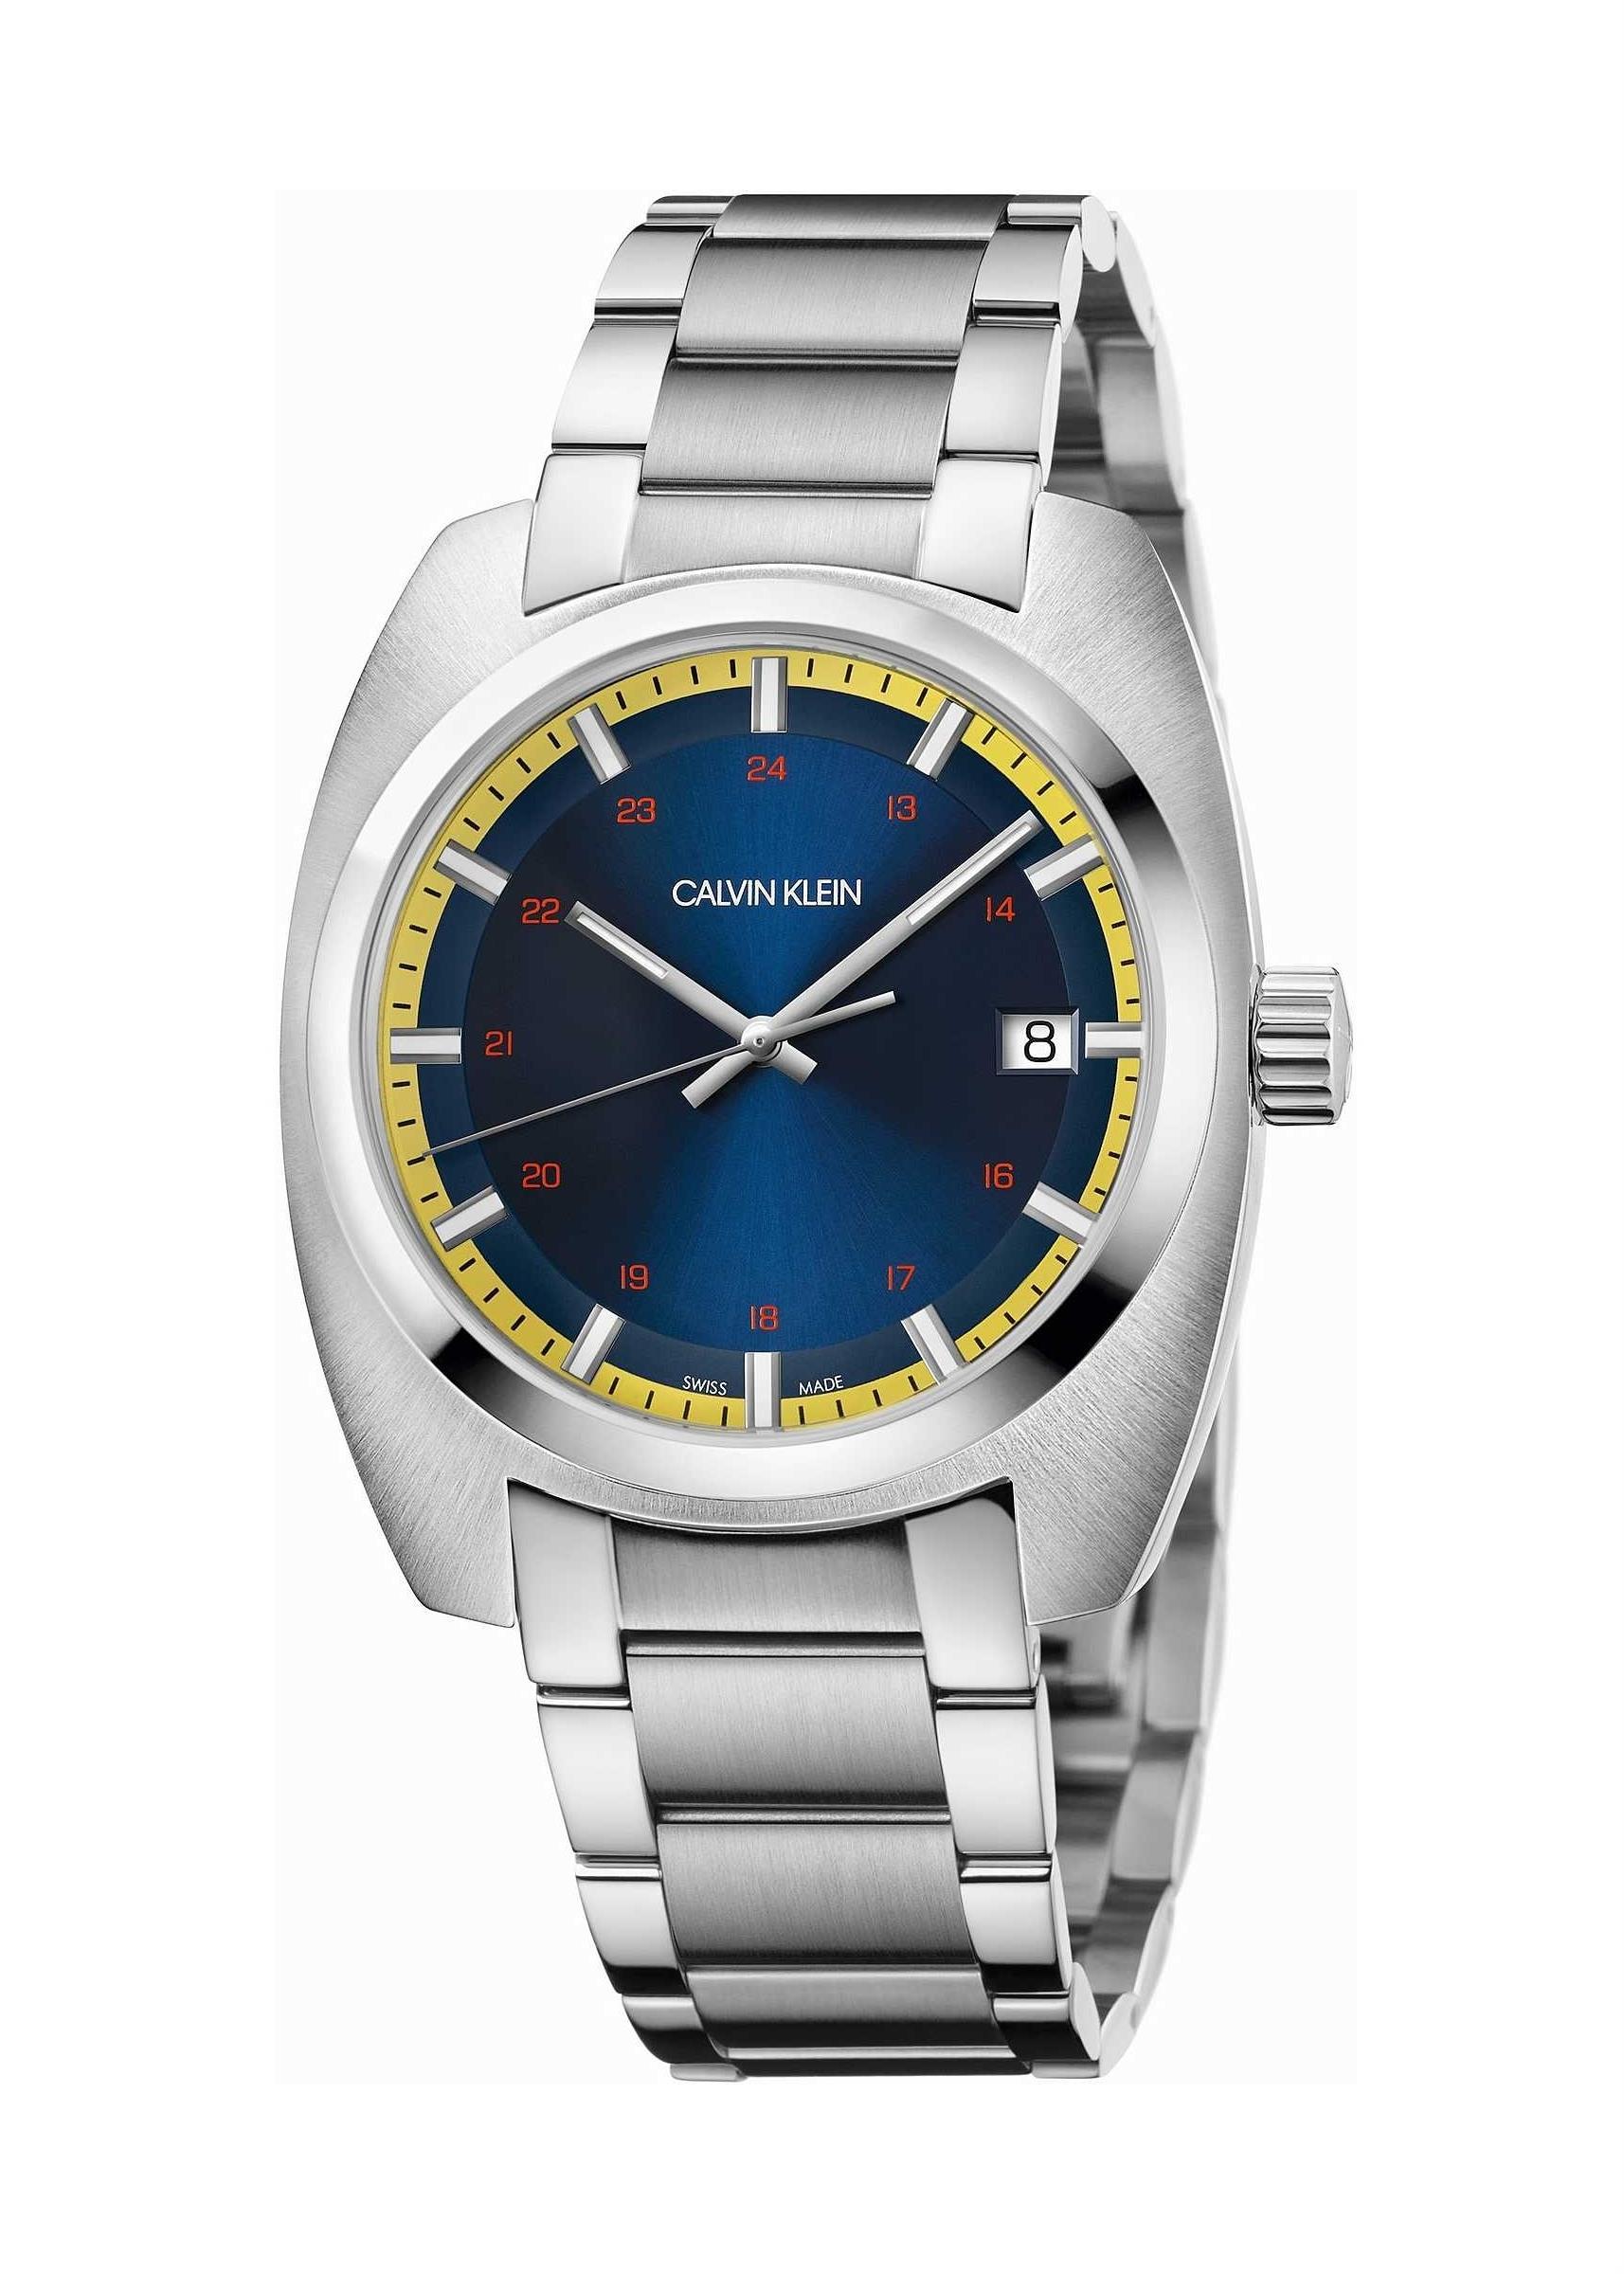 CK CALVIN KLEIN Ladies Wrist Watch Model ACHIEVE K8W3114N